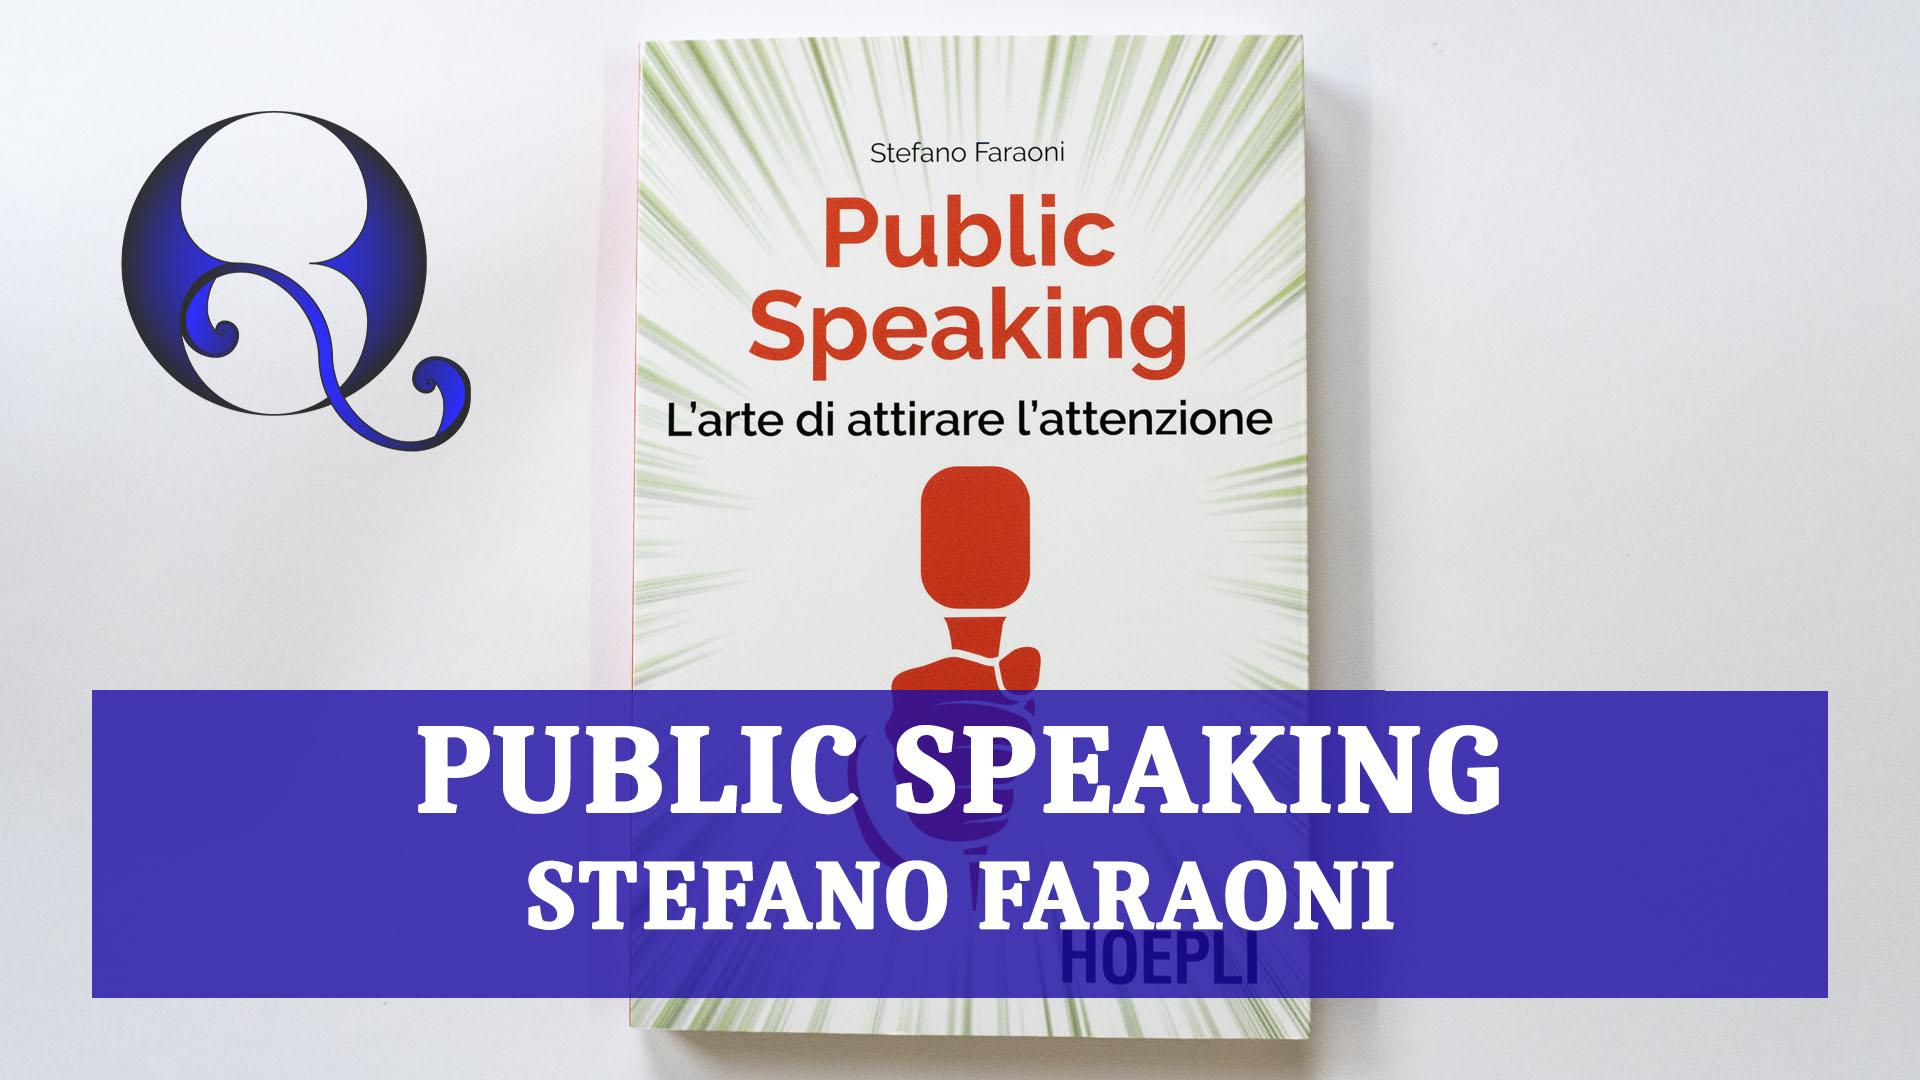 PUBLIC SPEAKING di STEFANO FARAONI: relazione libro